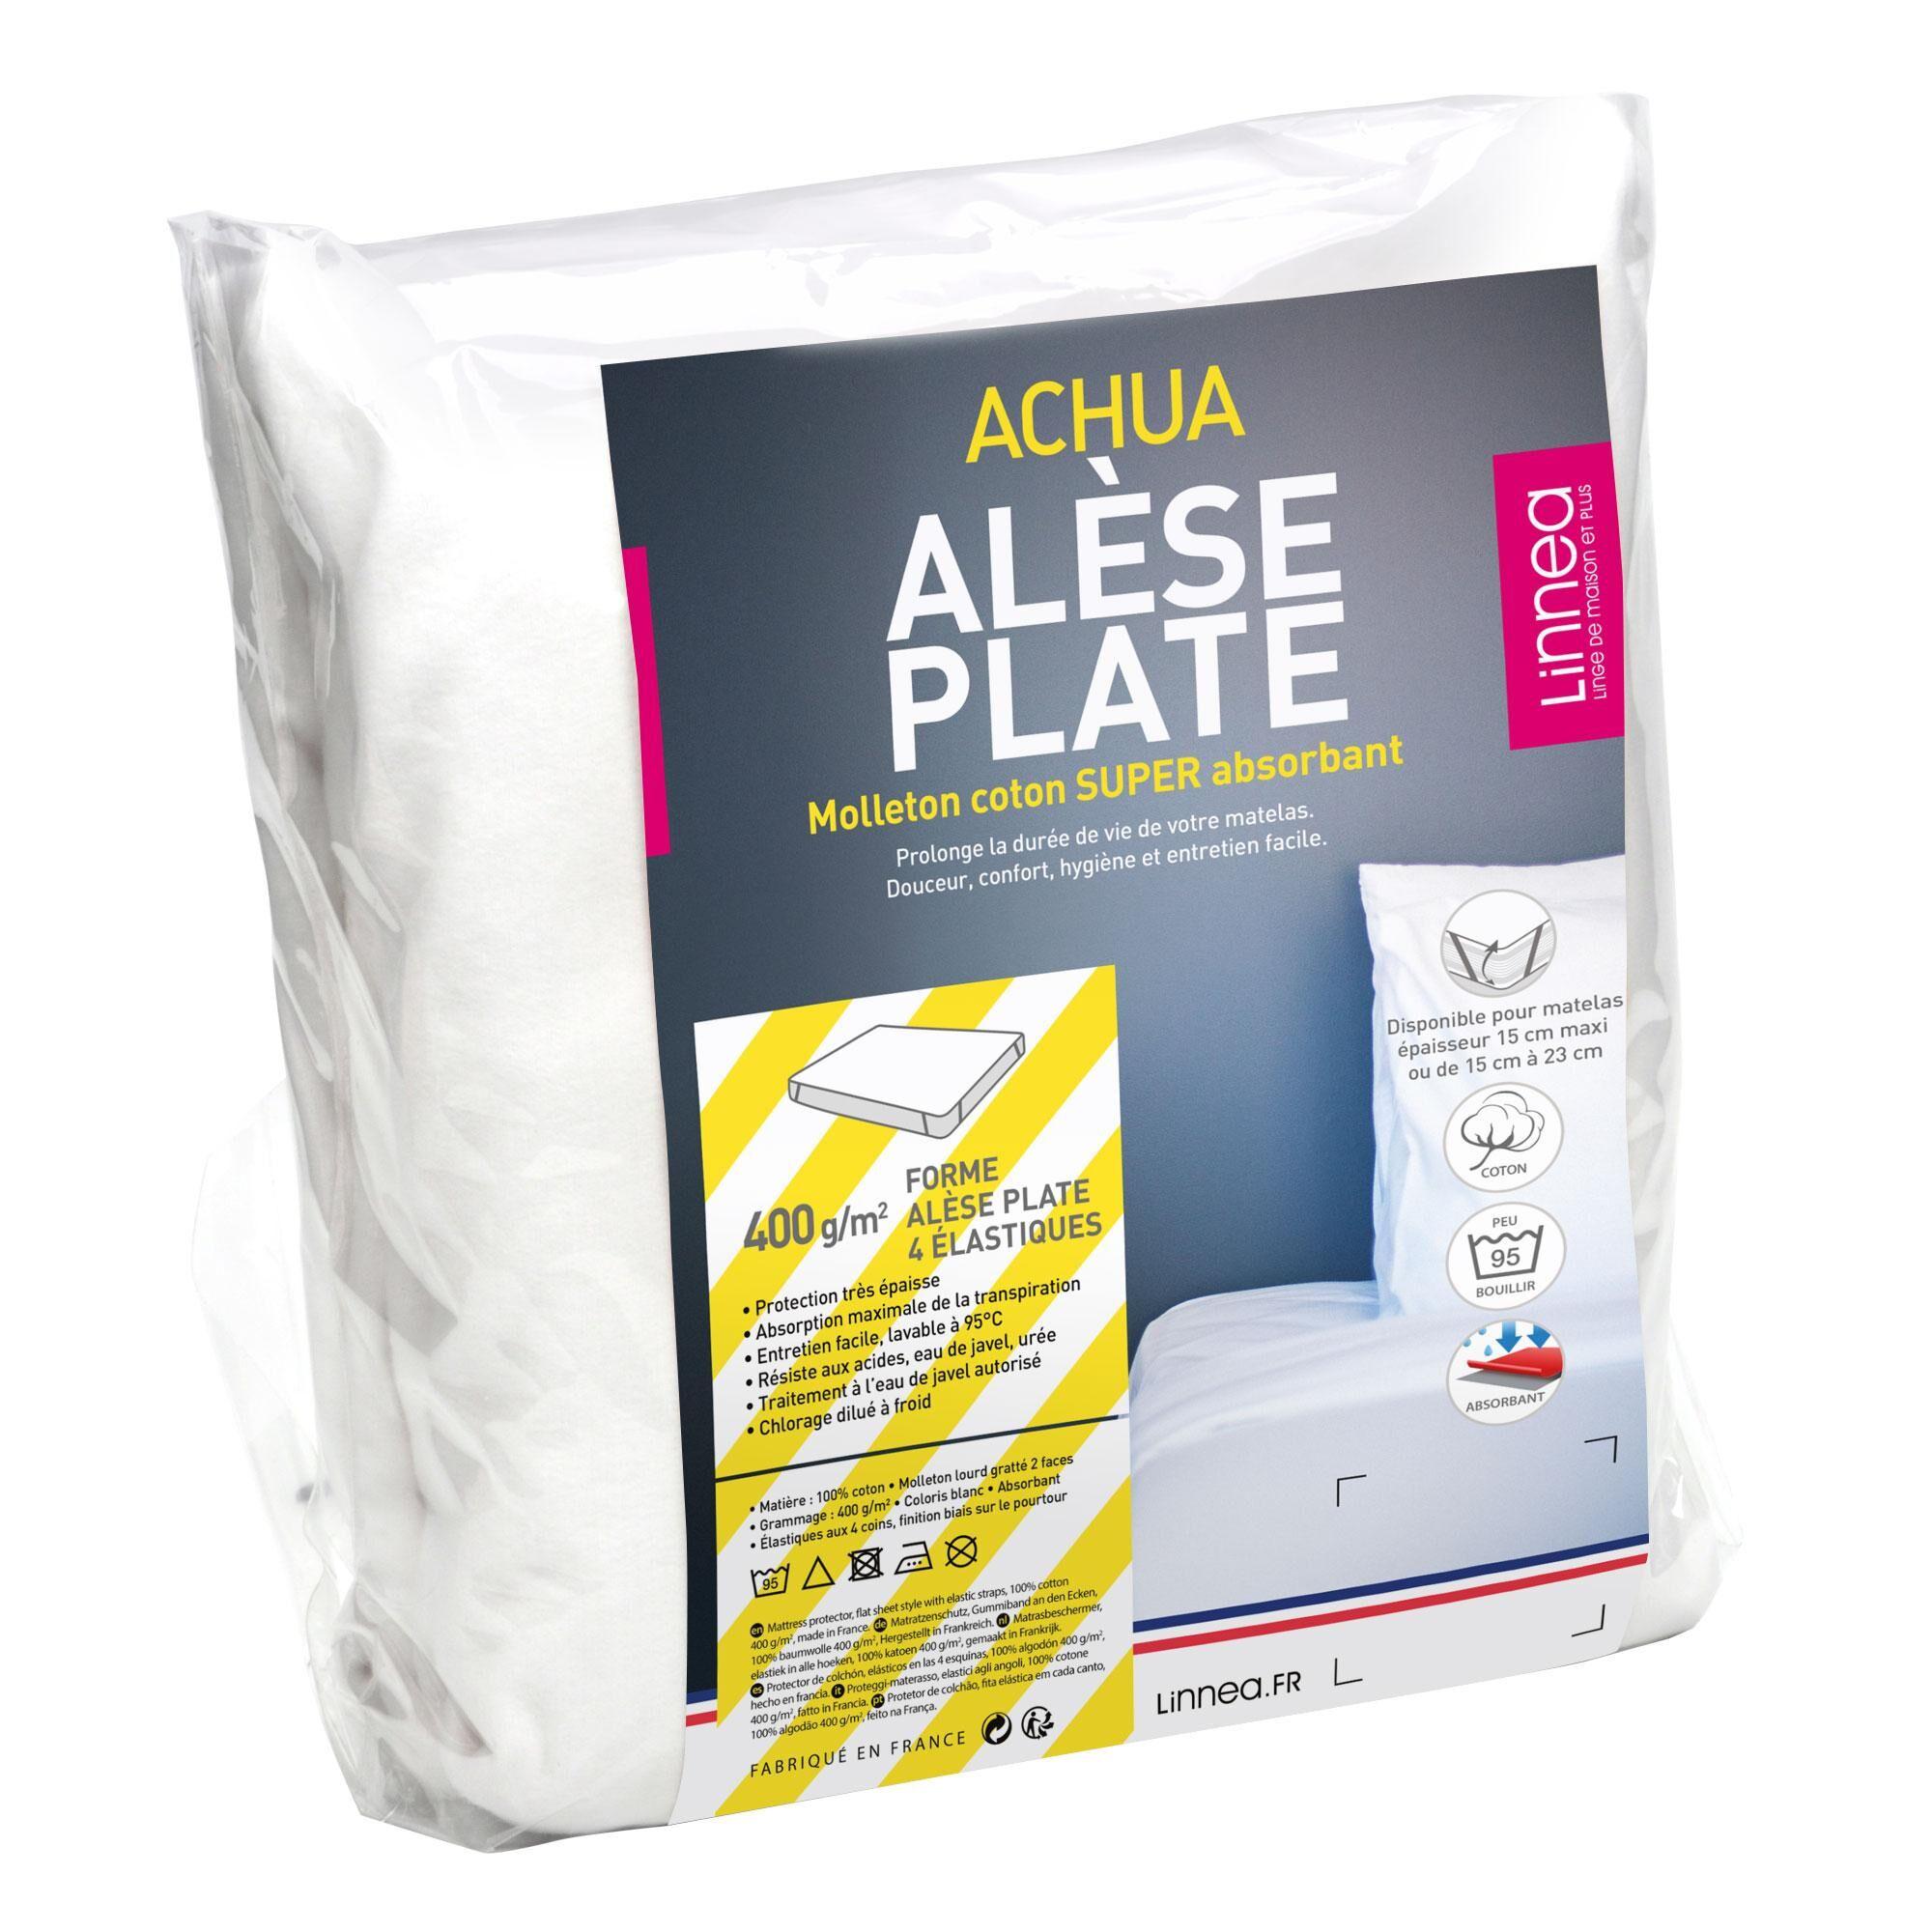 Linnea Alèse plate 200x200 cm ACHUA Molleton 100% coton 400 g/m2 matelas 15cm à 23cm